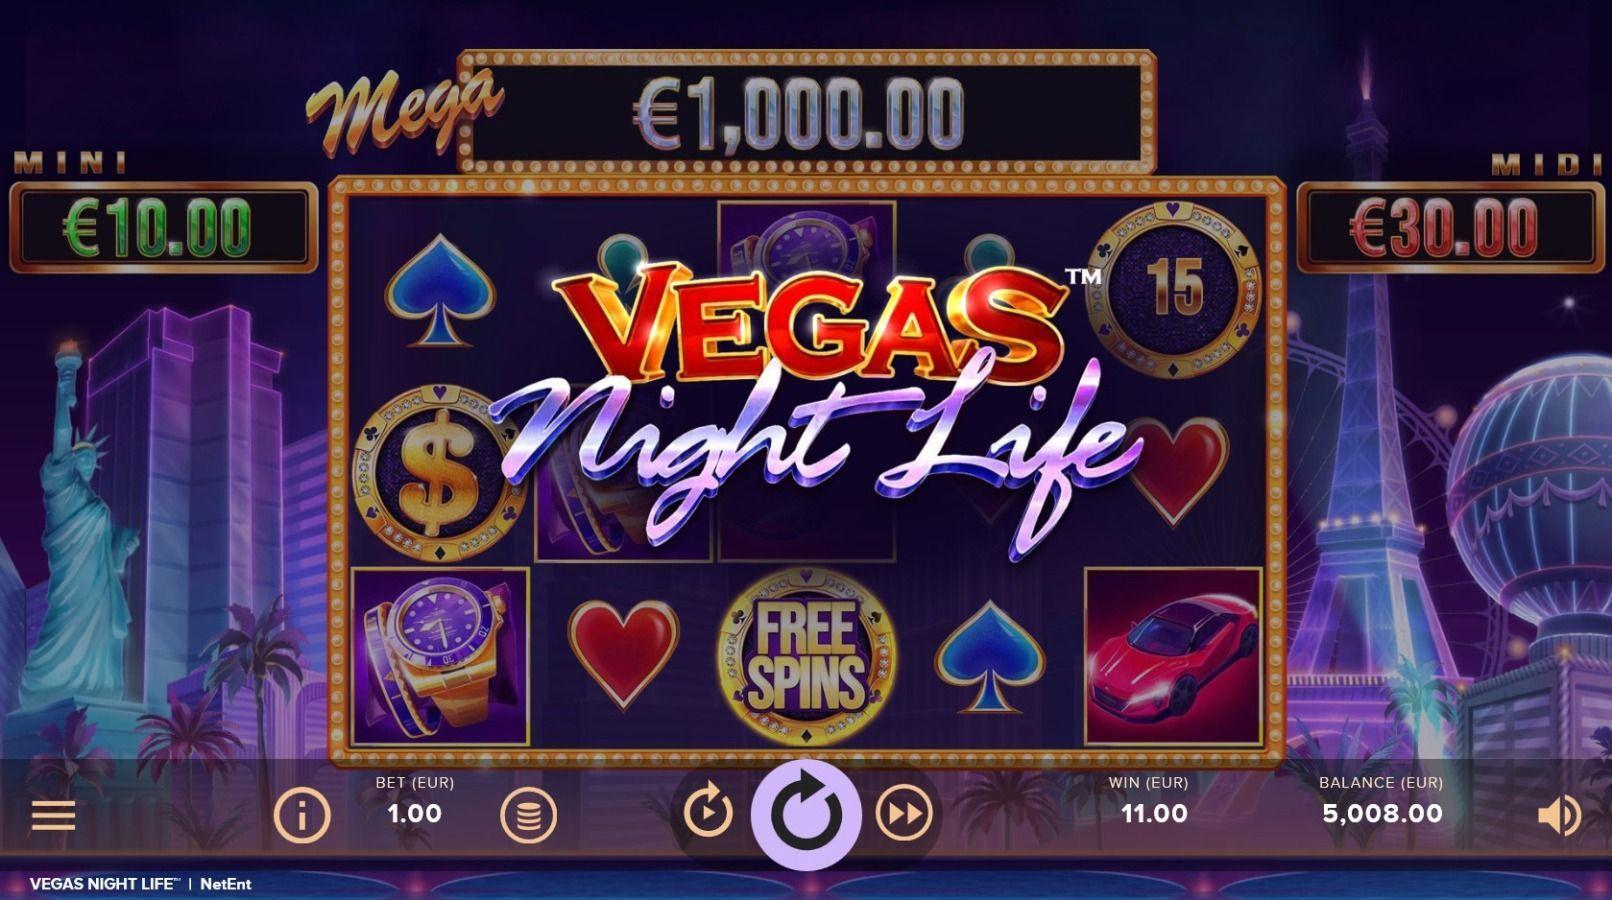 Вулкан казино россия 1 игровые автоматы невада гомель